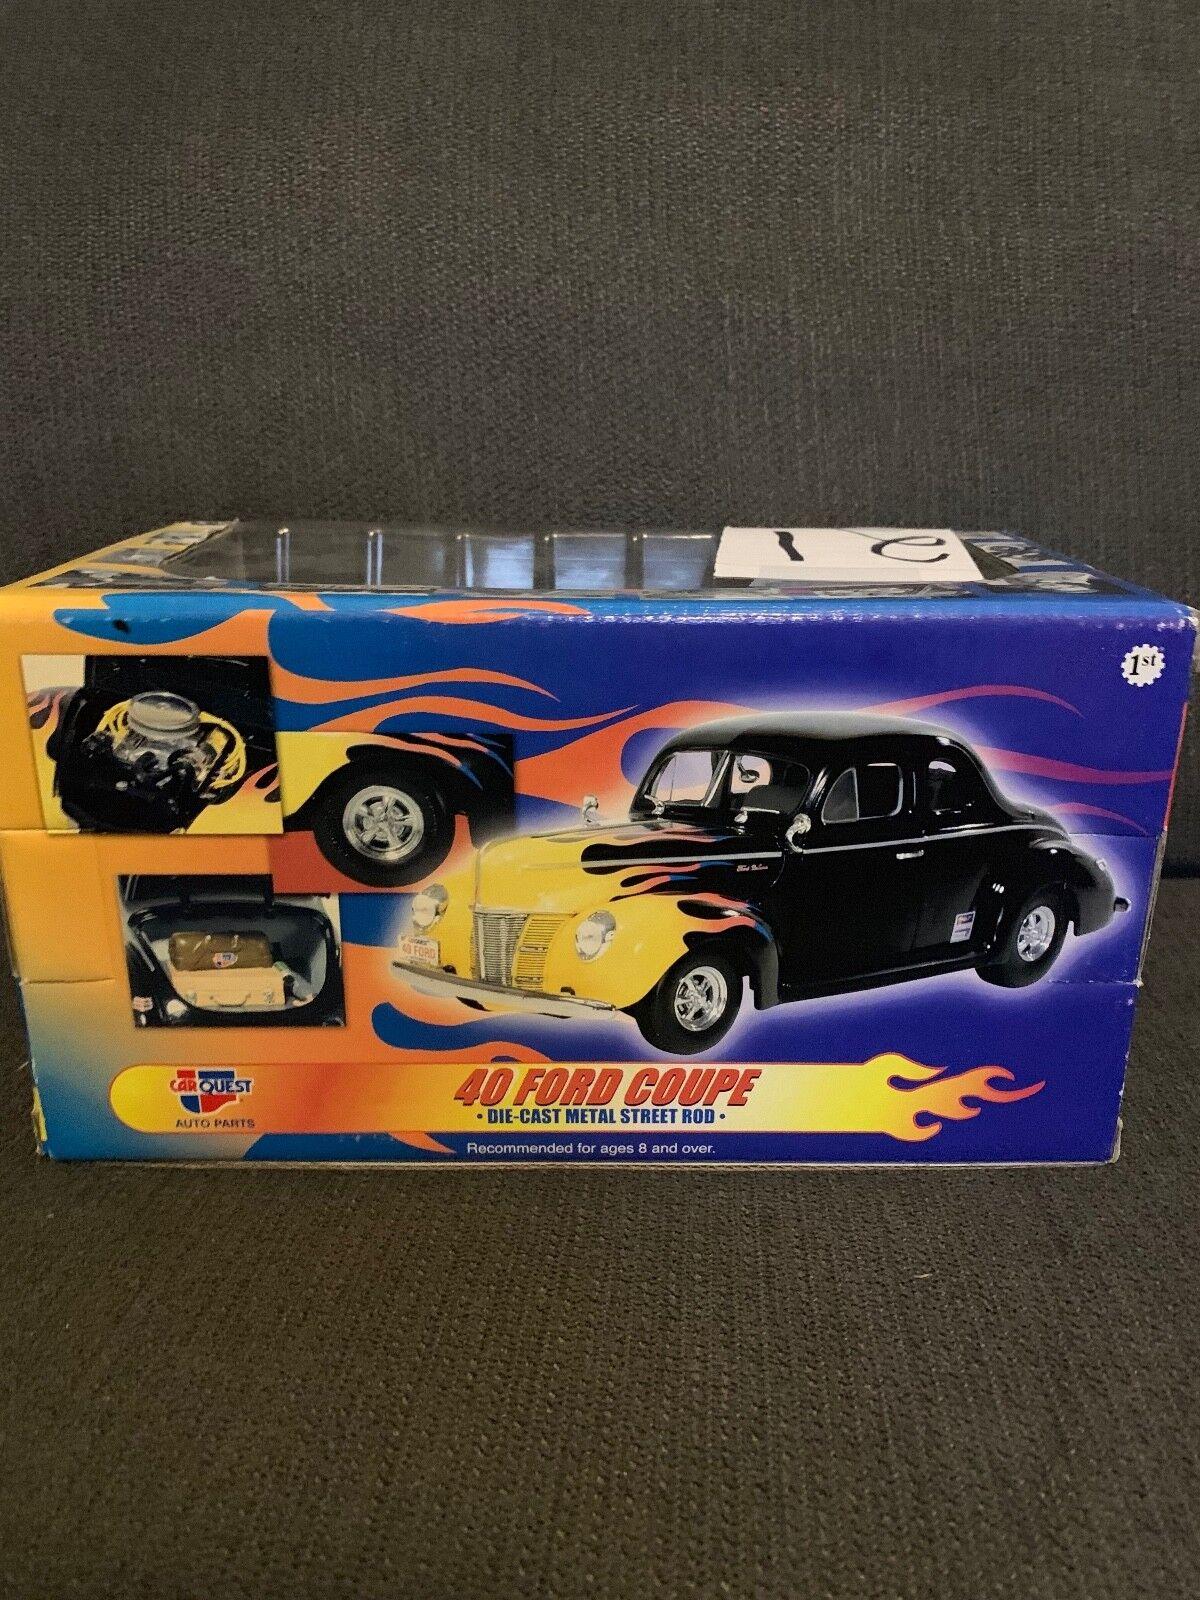 Car Quest 40 Ford Coupe Die Cast Metal Street Rod  parte ; 4th en serie